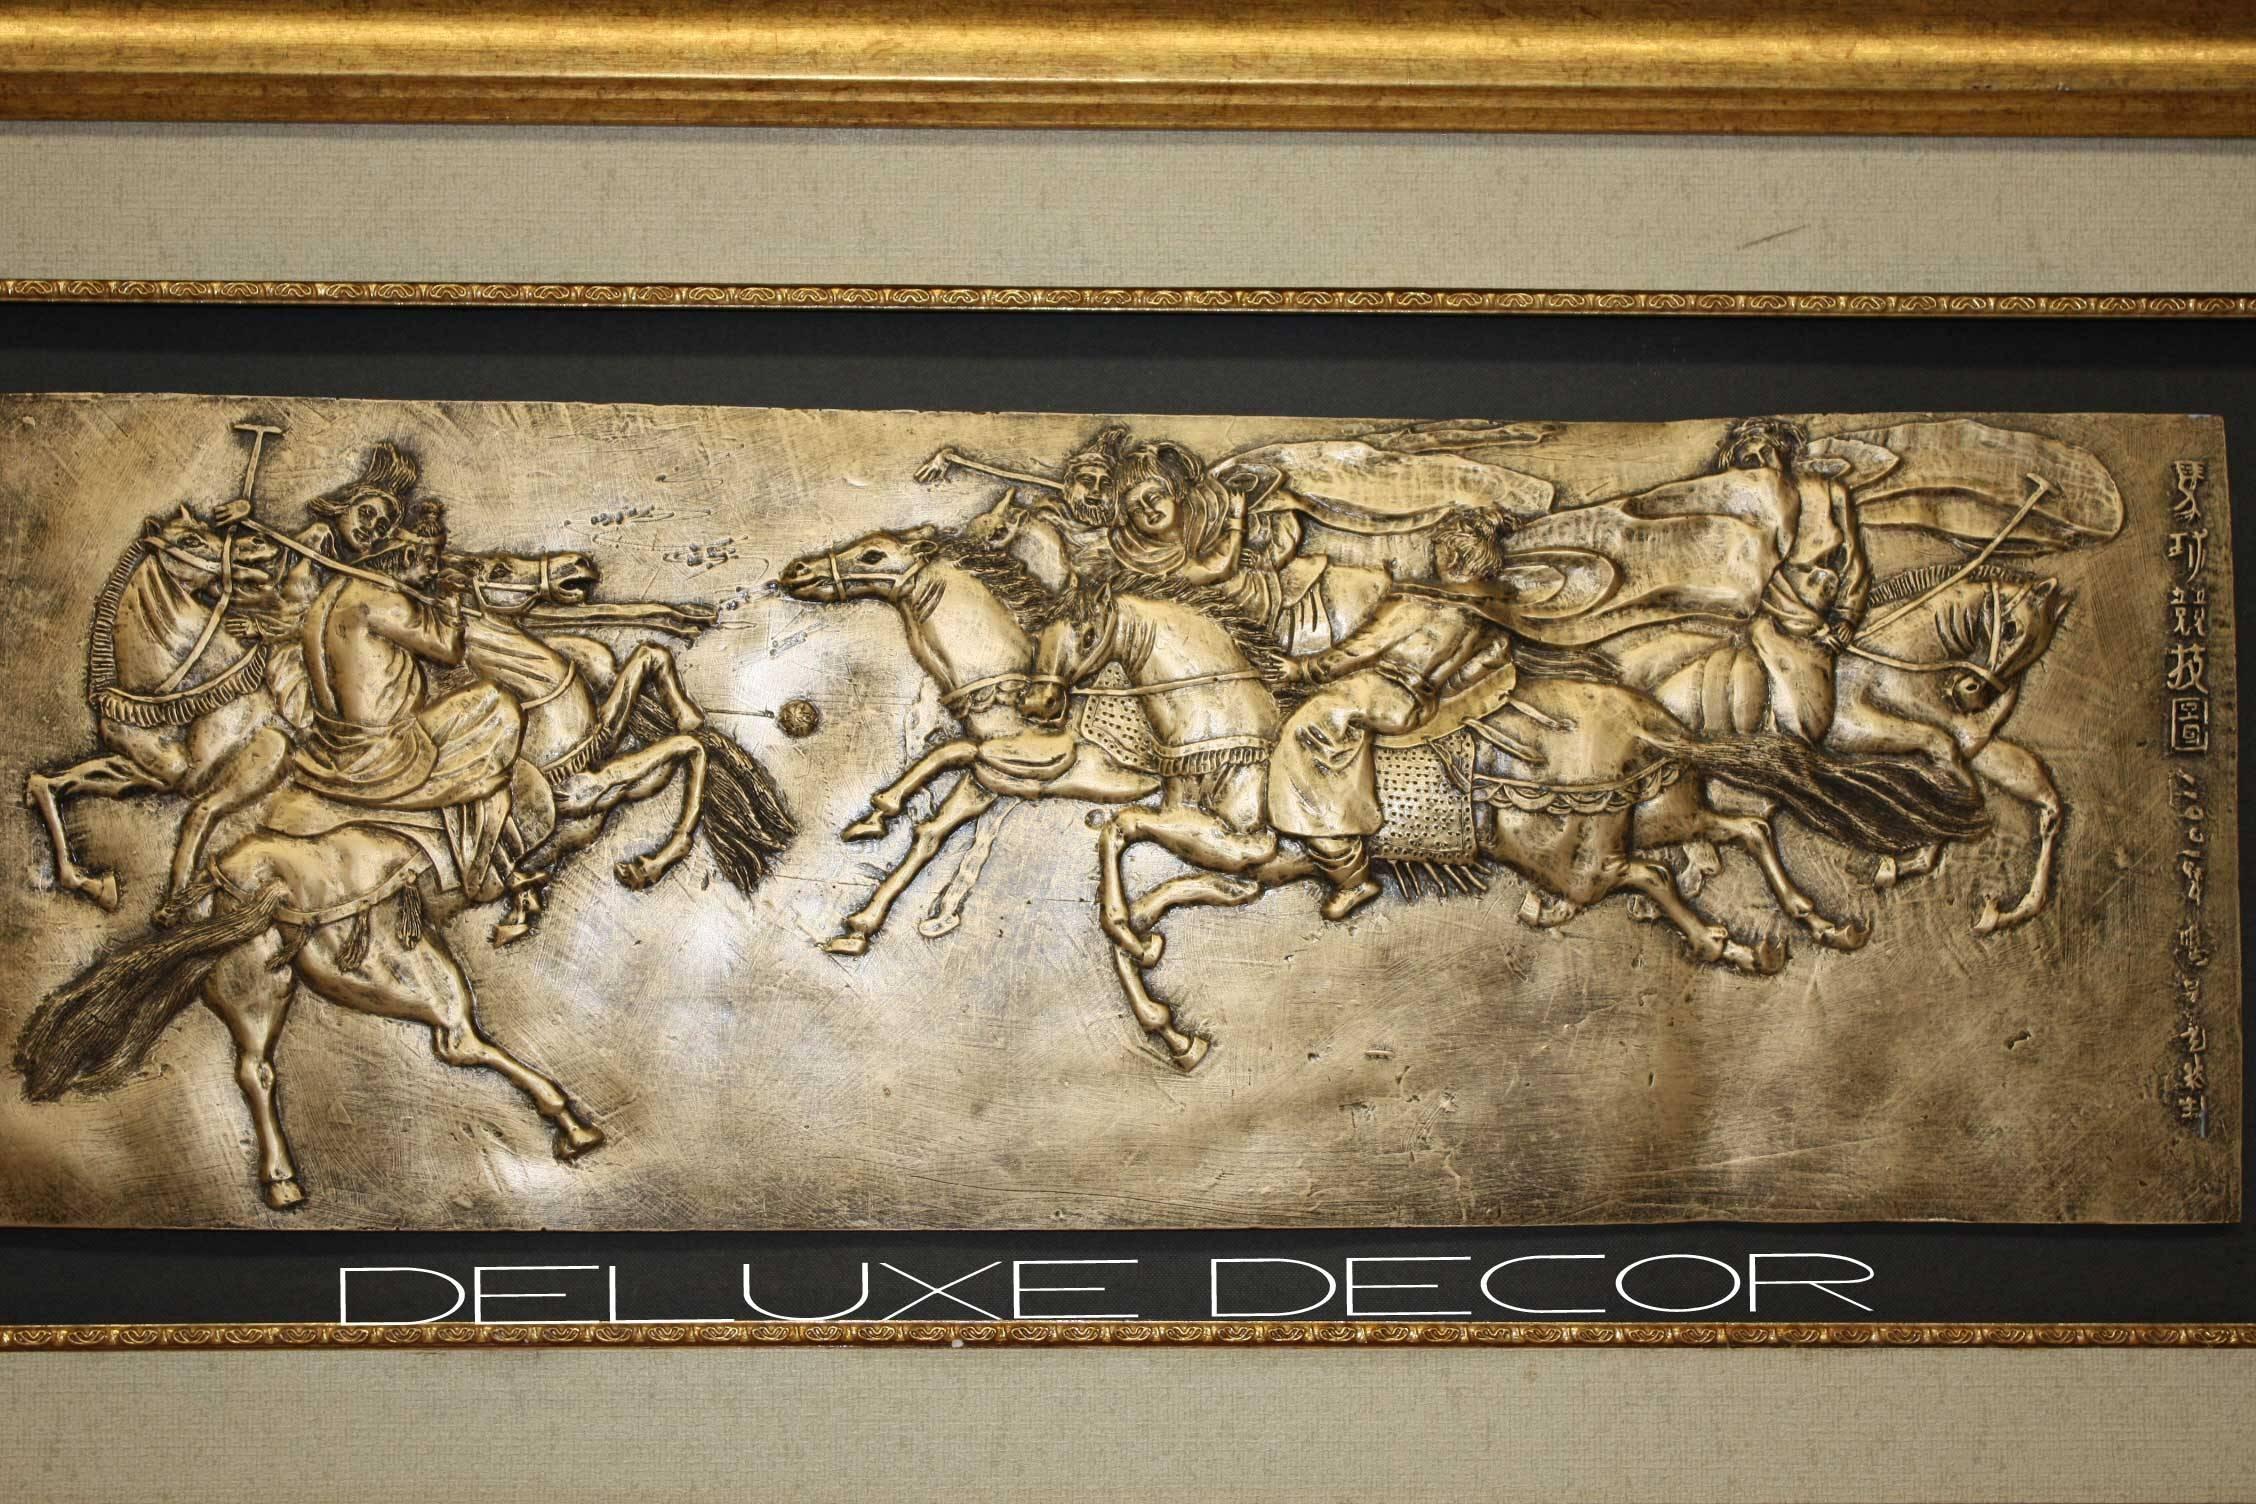 3d Horse Wall Art | Wallartideas With Regard To Most Recent 3d Horse Wall Art (View 7 of 20)